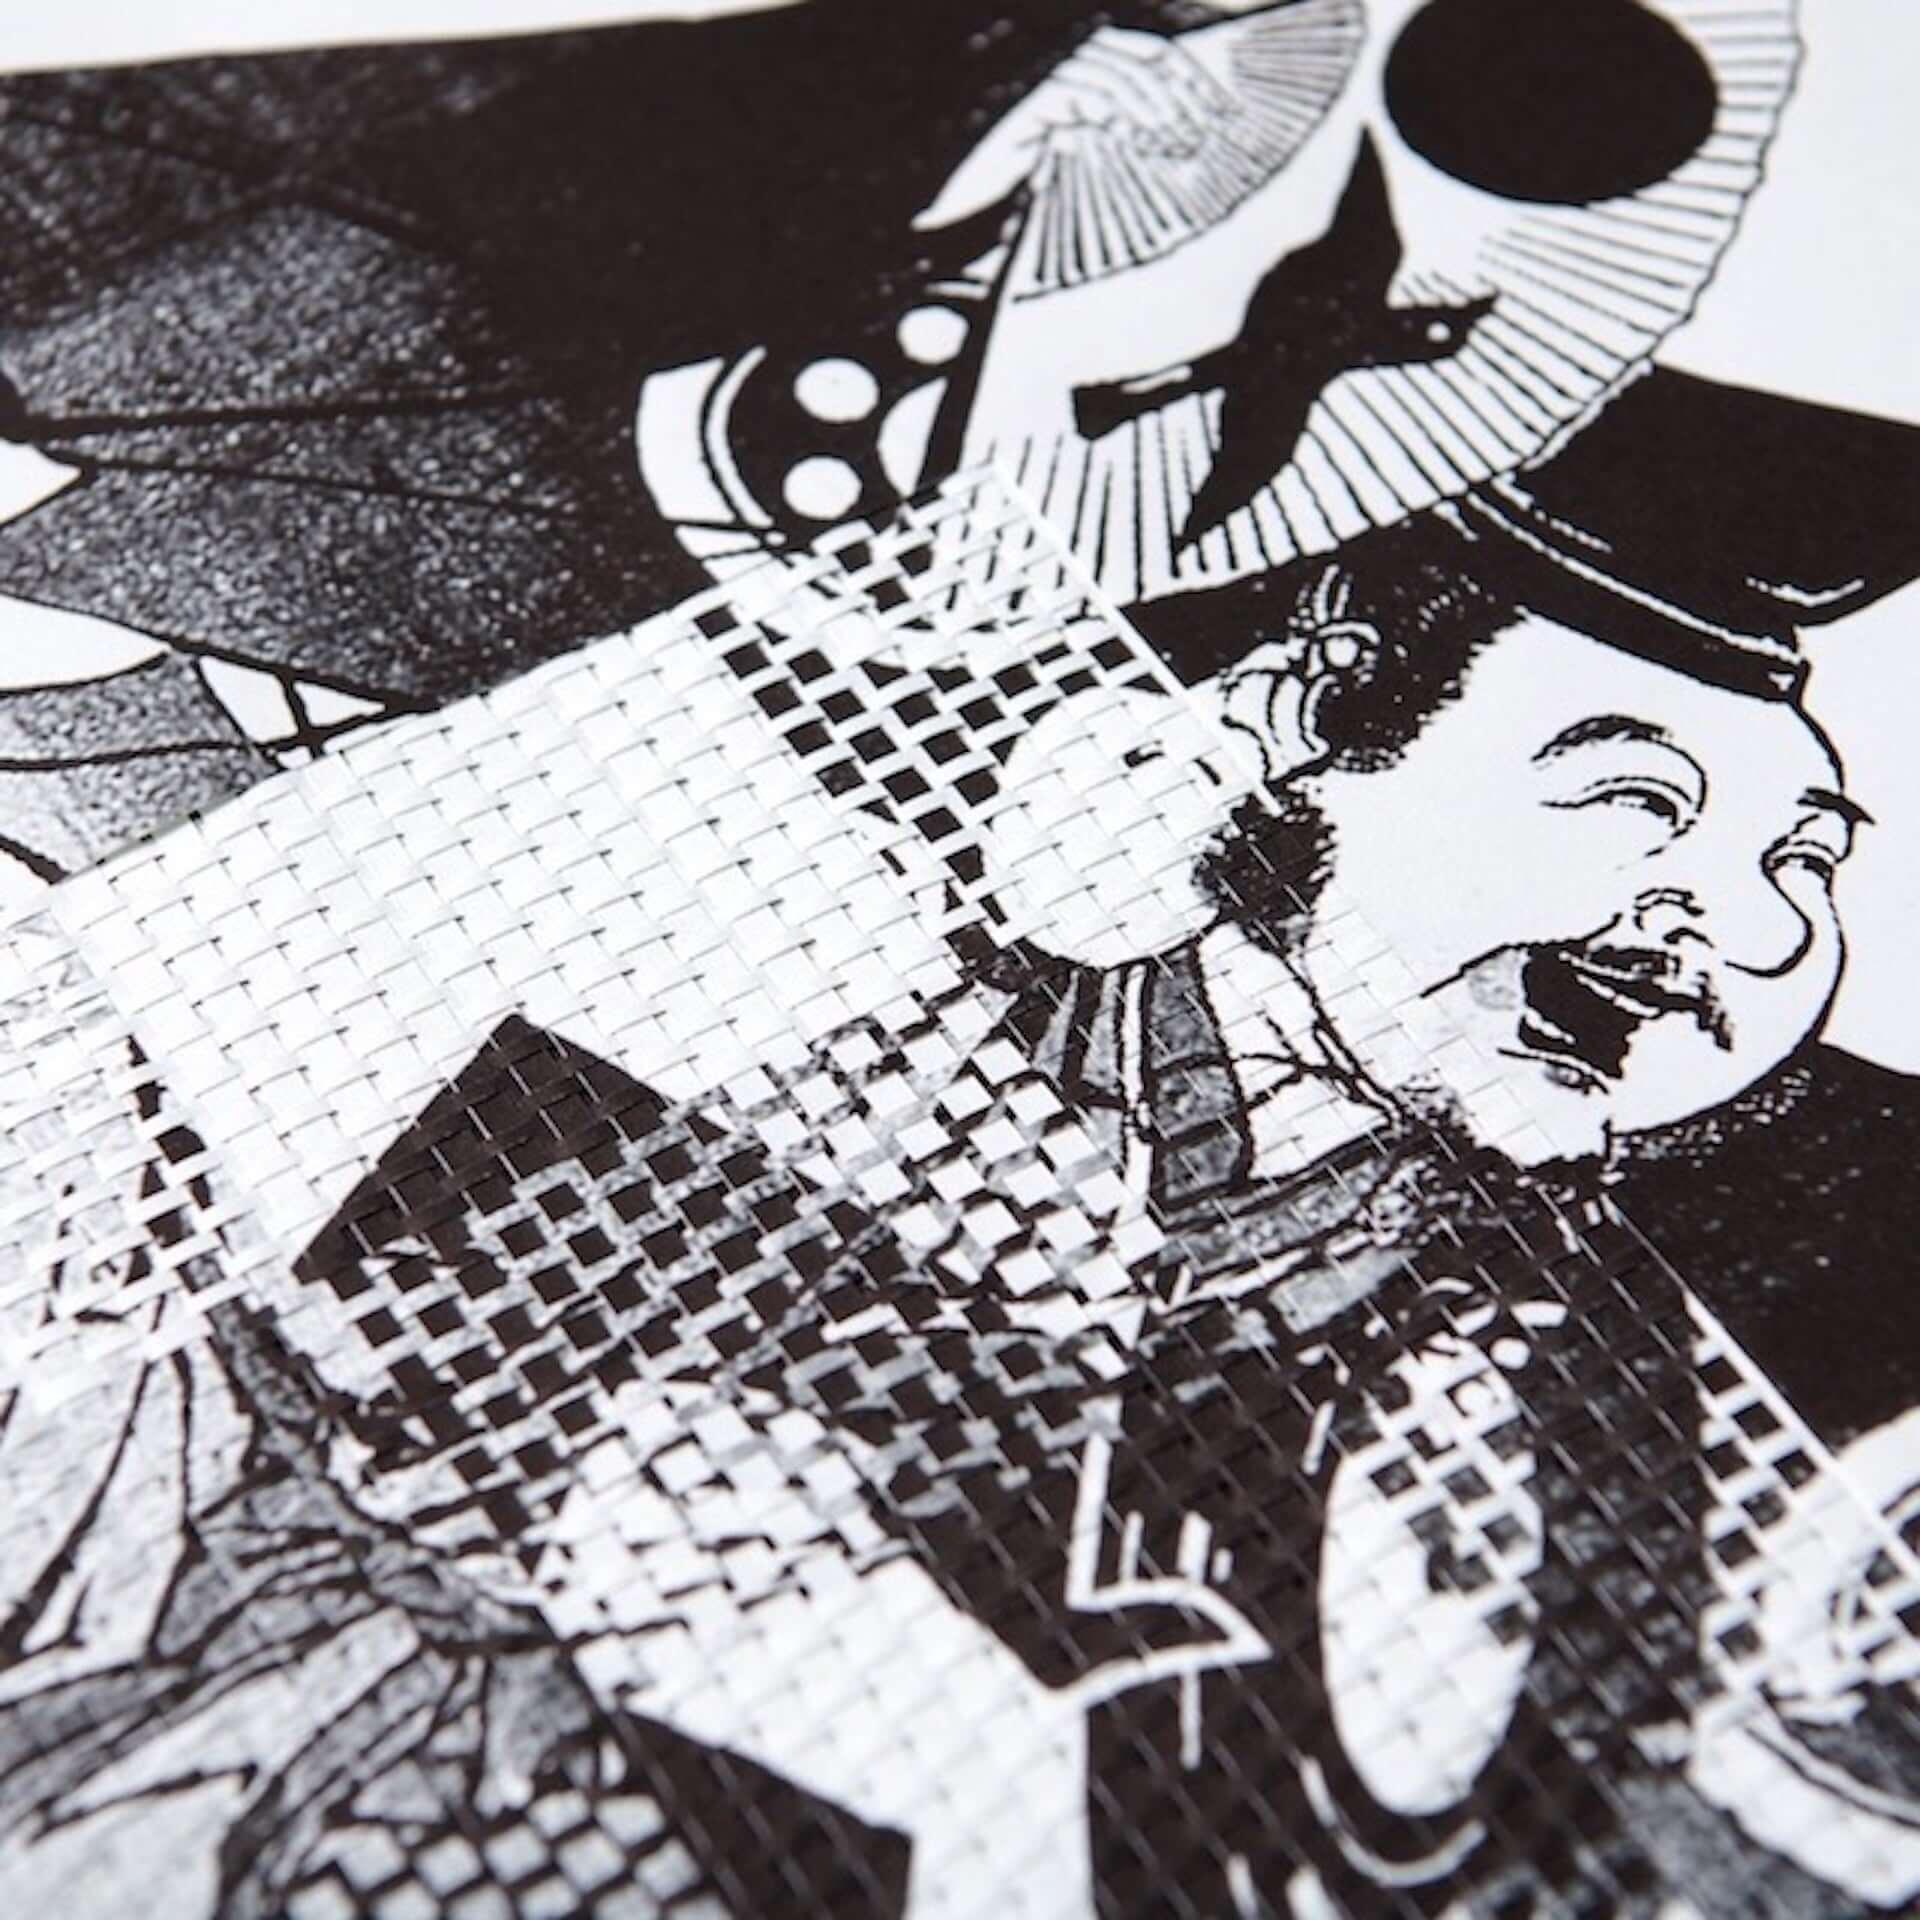 〈Ninja Tune〉30周年記念!Sasquatchfabrix.によるカプセルコレクション「NINJA BUSHI」が発売 music210329_ninjatune_3-1920x1920